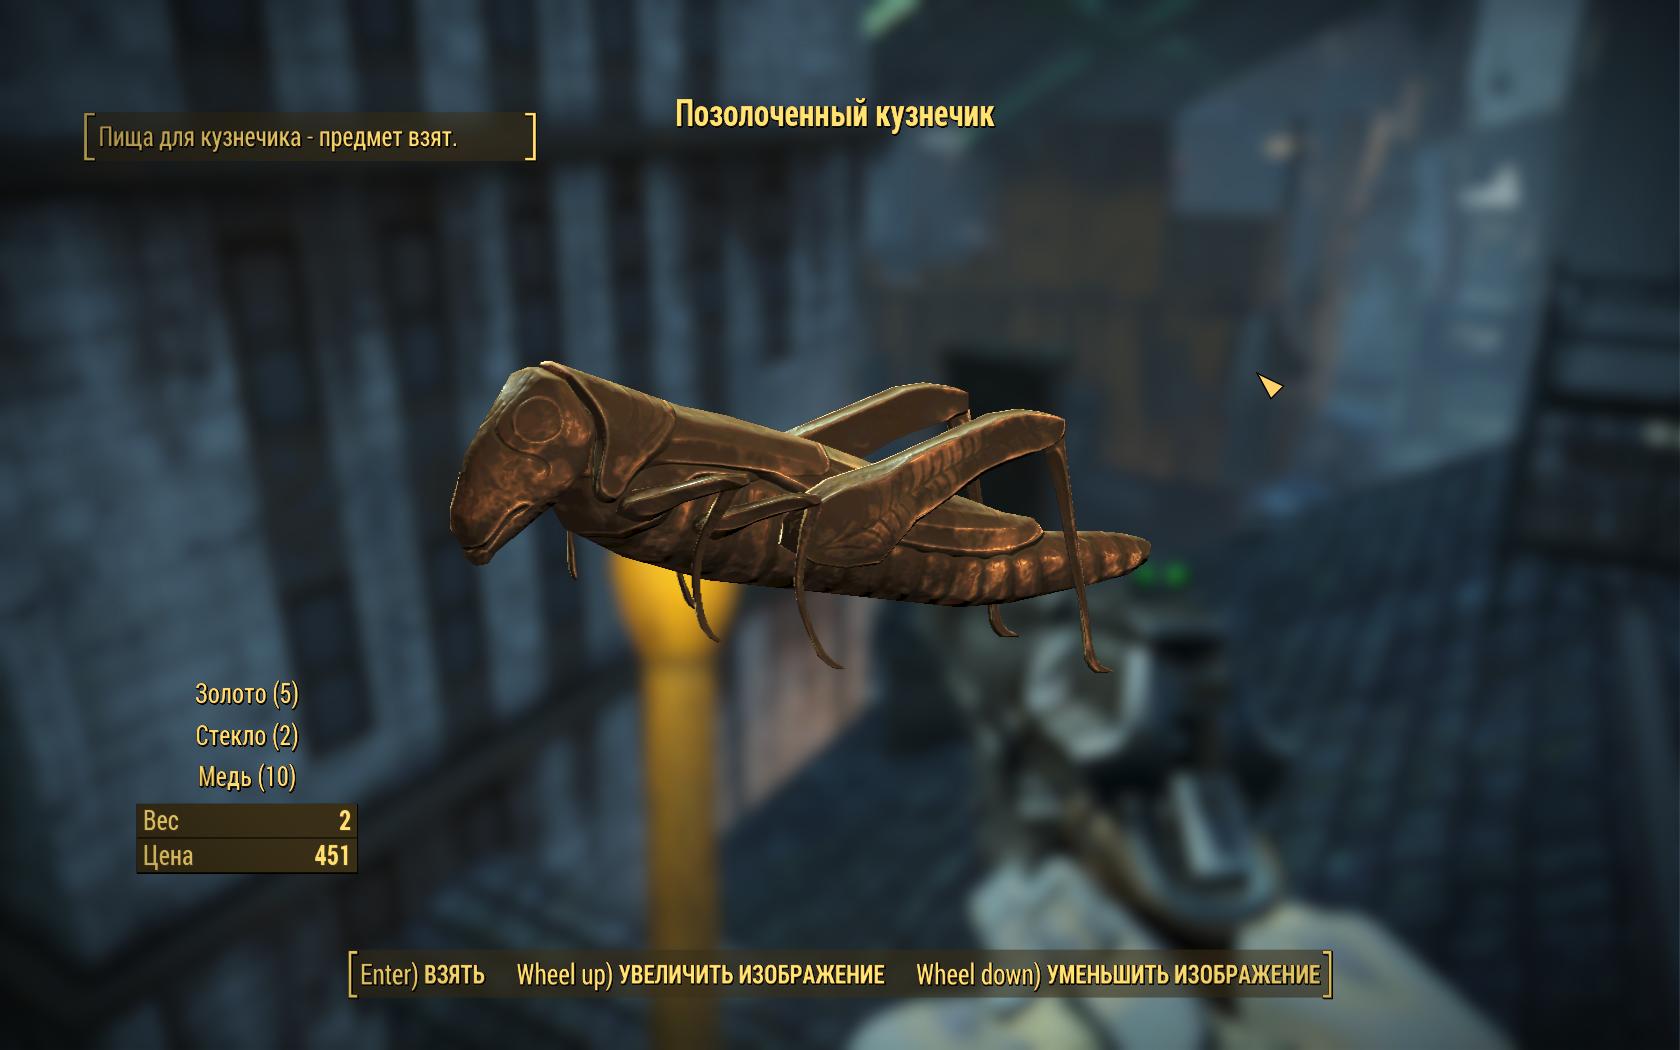 Позолоченный кузнечик - Fallout 4 кузнечик, Позолоченный